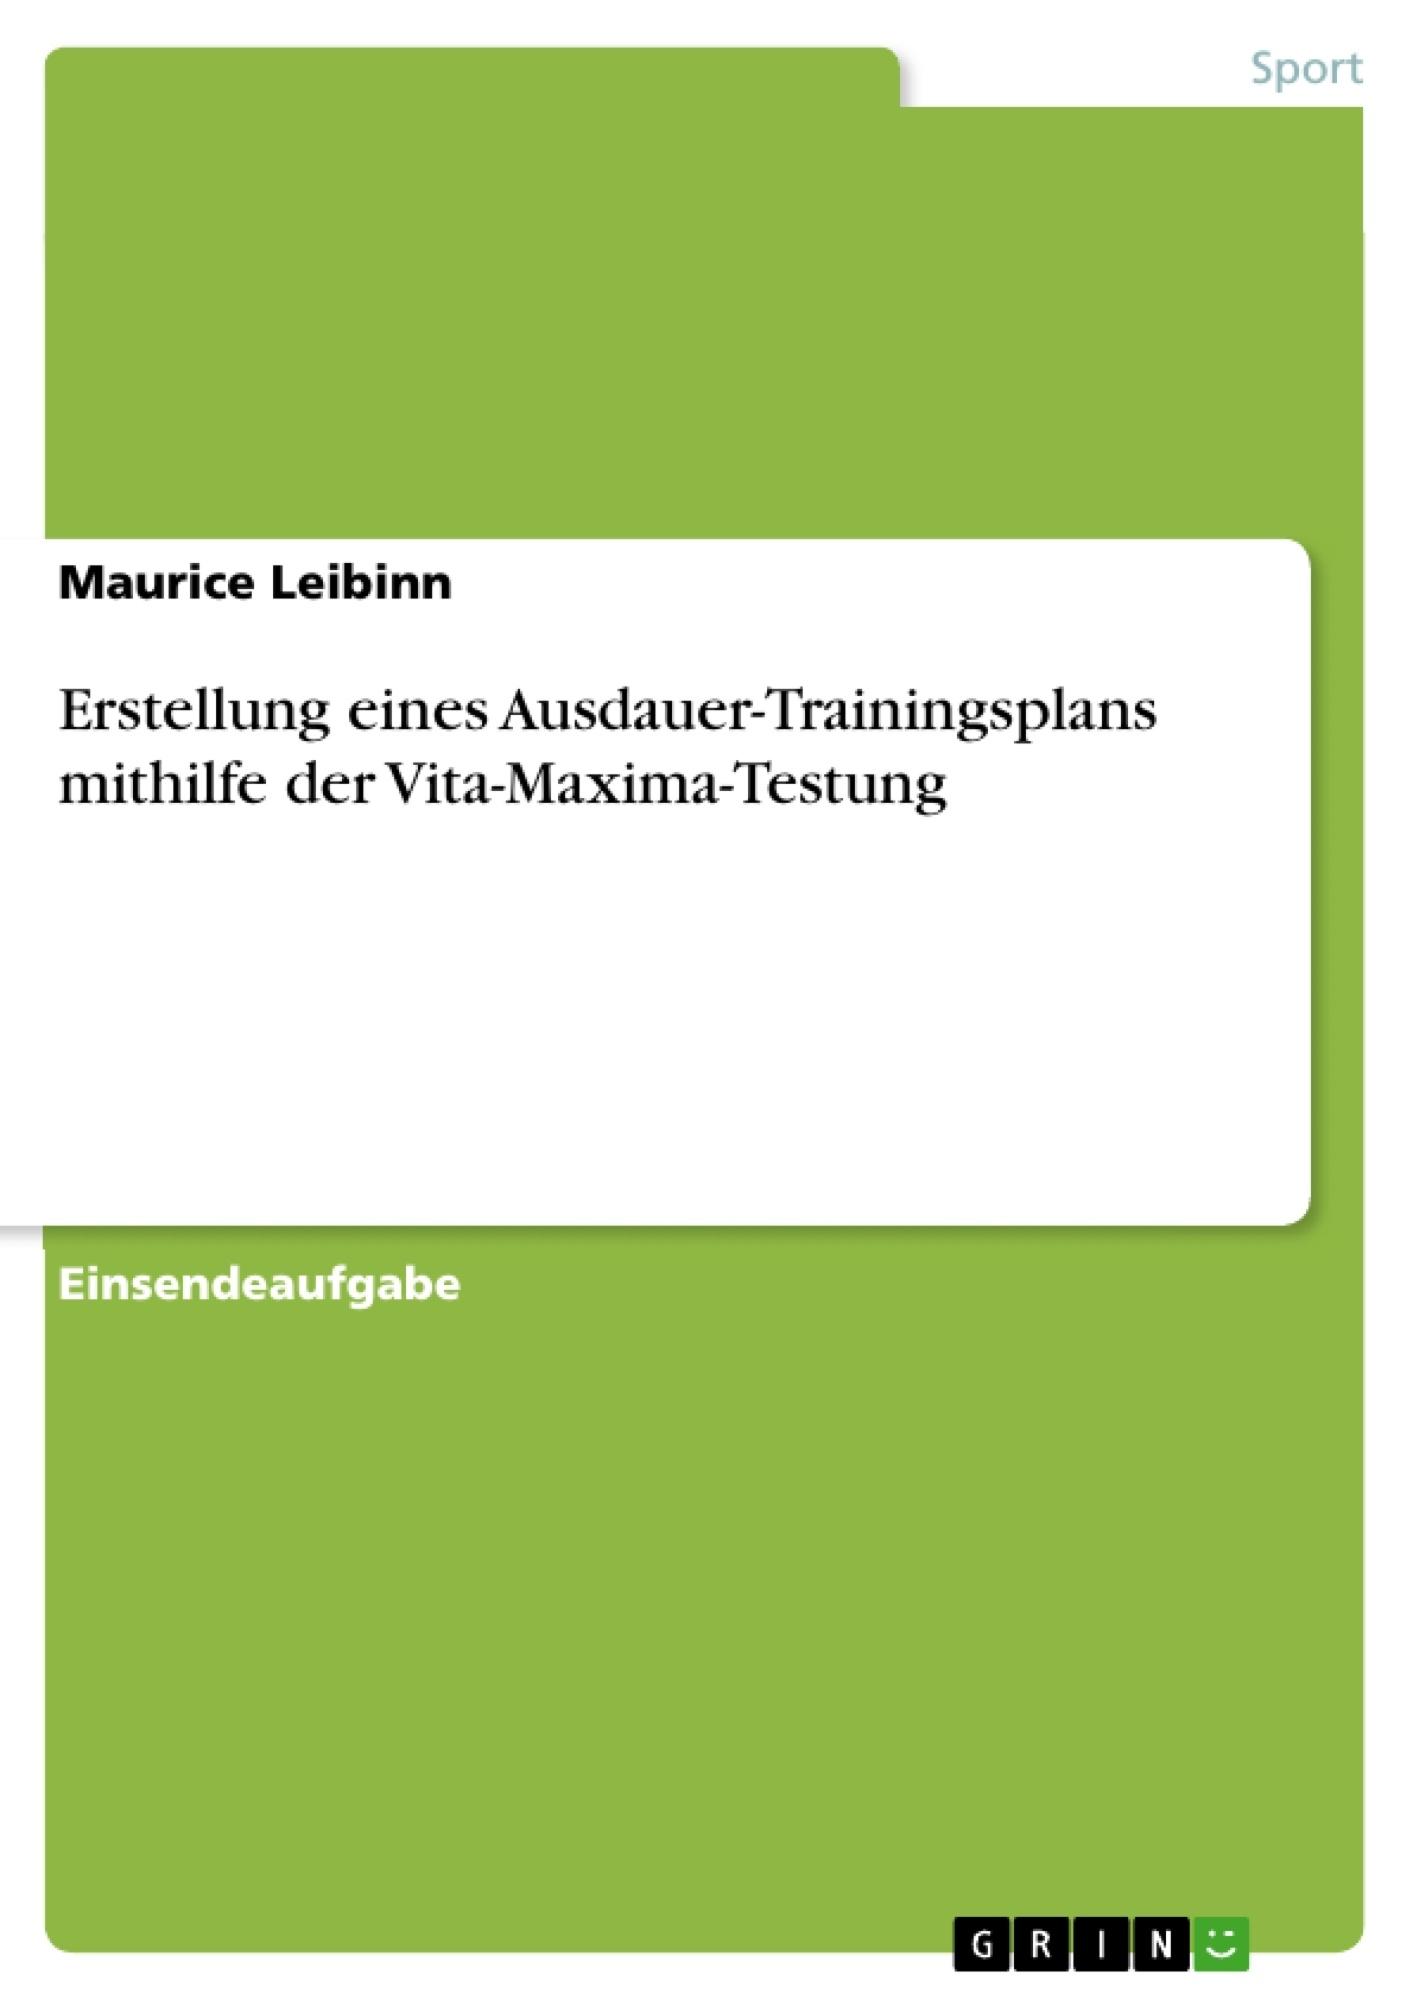 Titel: Erstellung eines Ausdauer-Trainingsplans mithilfe der Vita-Maxima-Testung